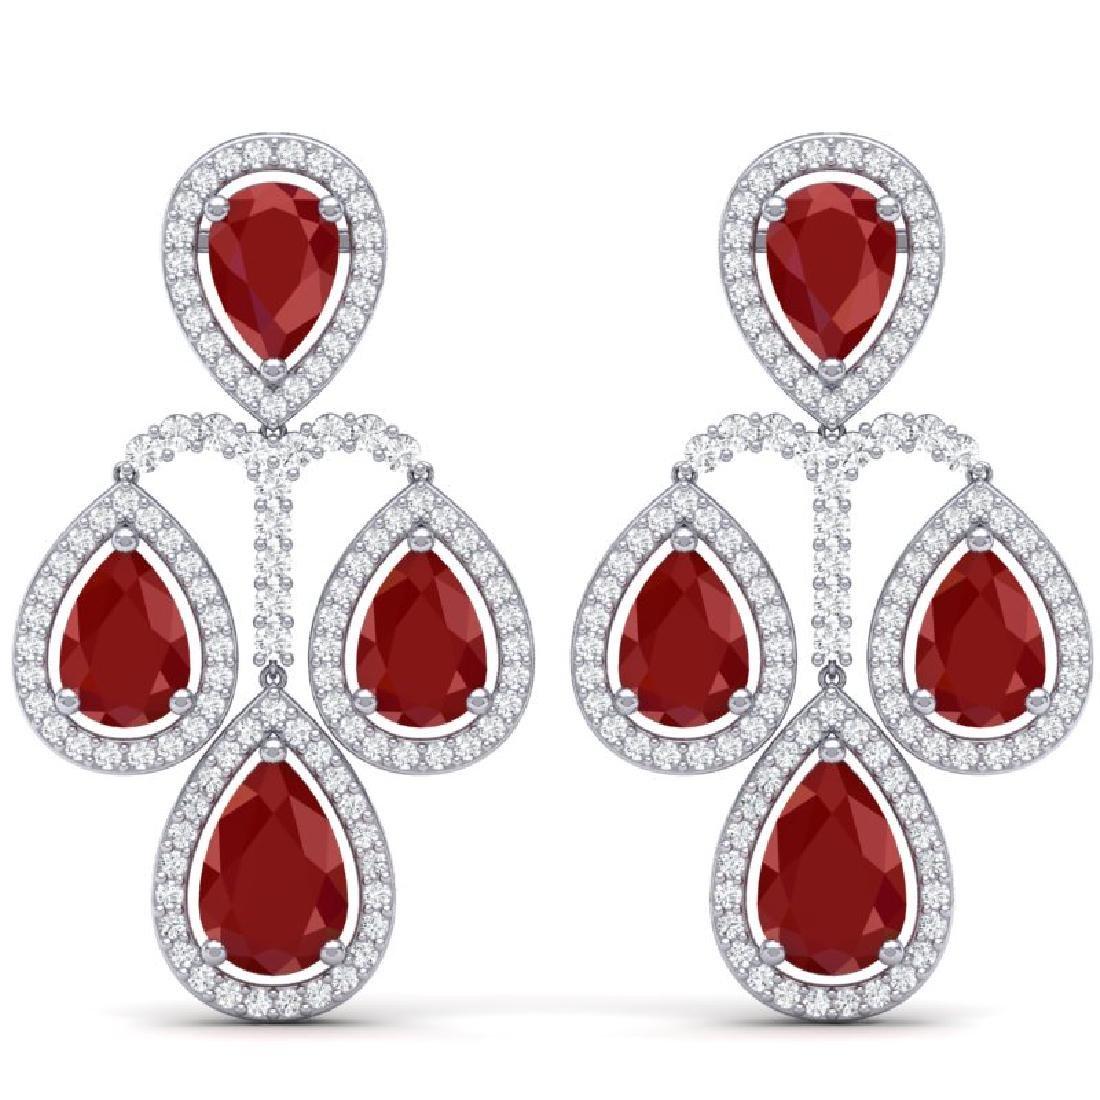 29.23 CTW Royalty Designer Ruby & VS Diamond Earrings